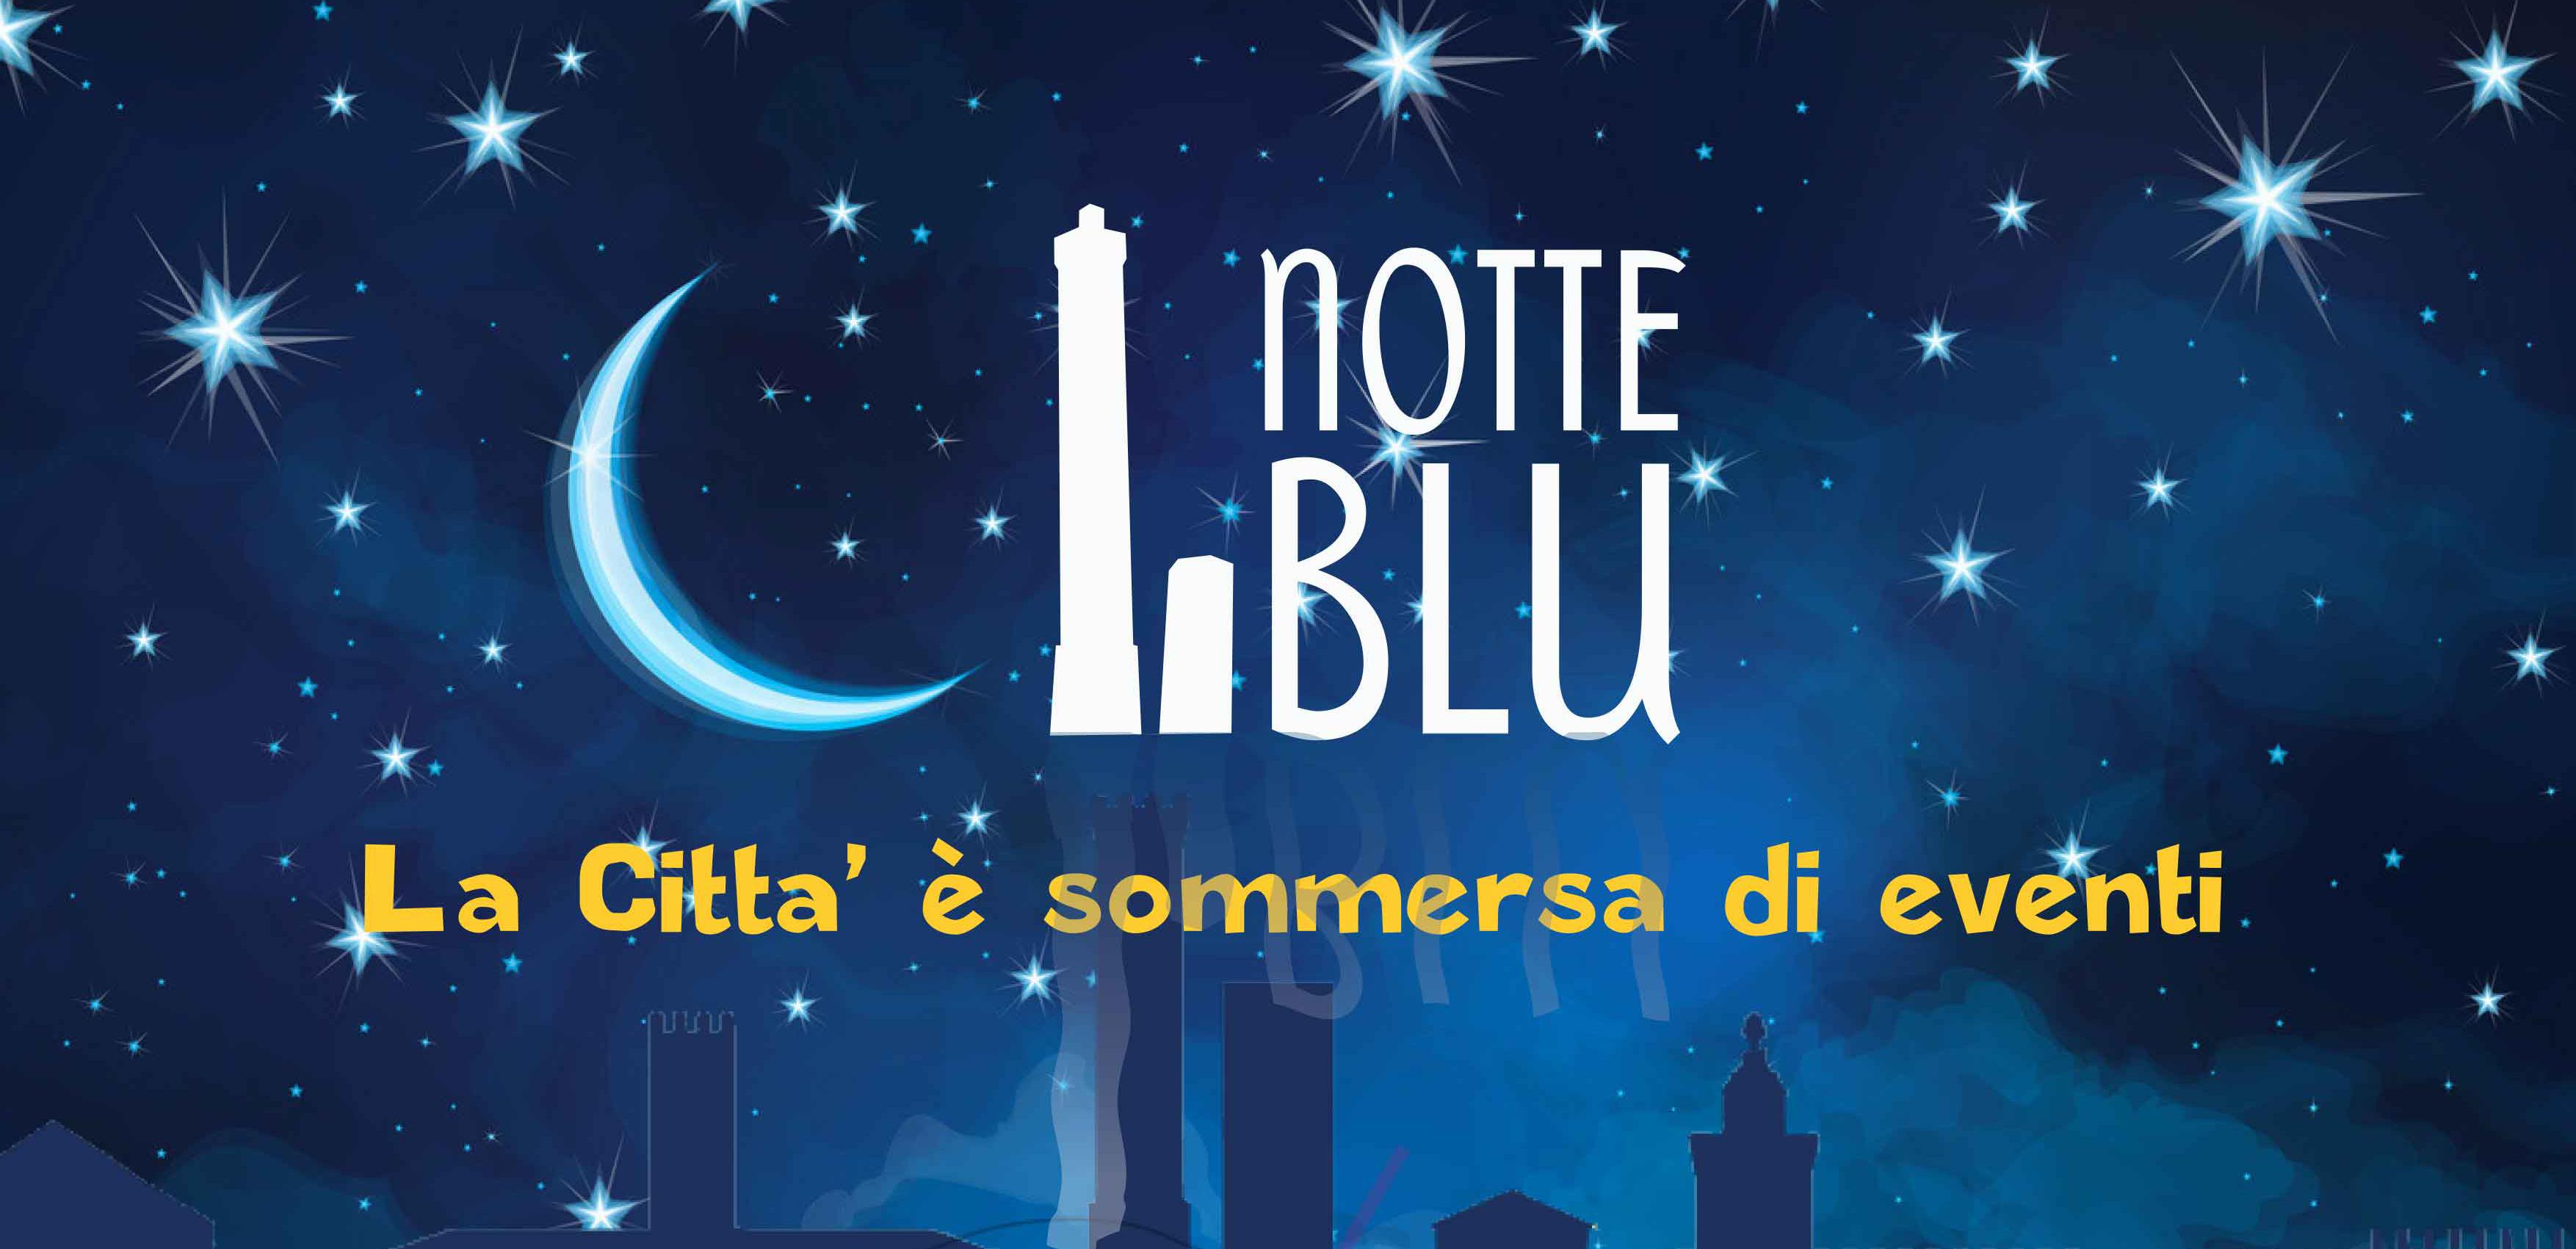 Notte Blu 2018